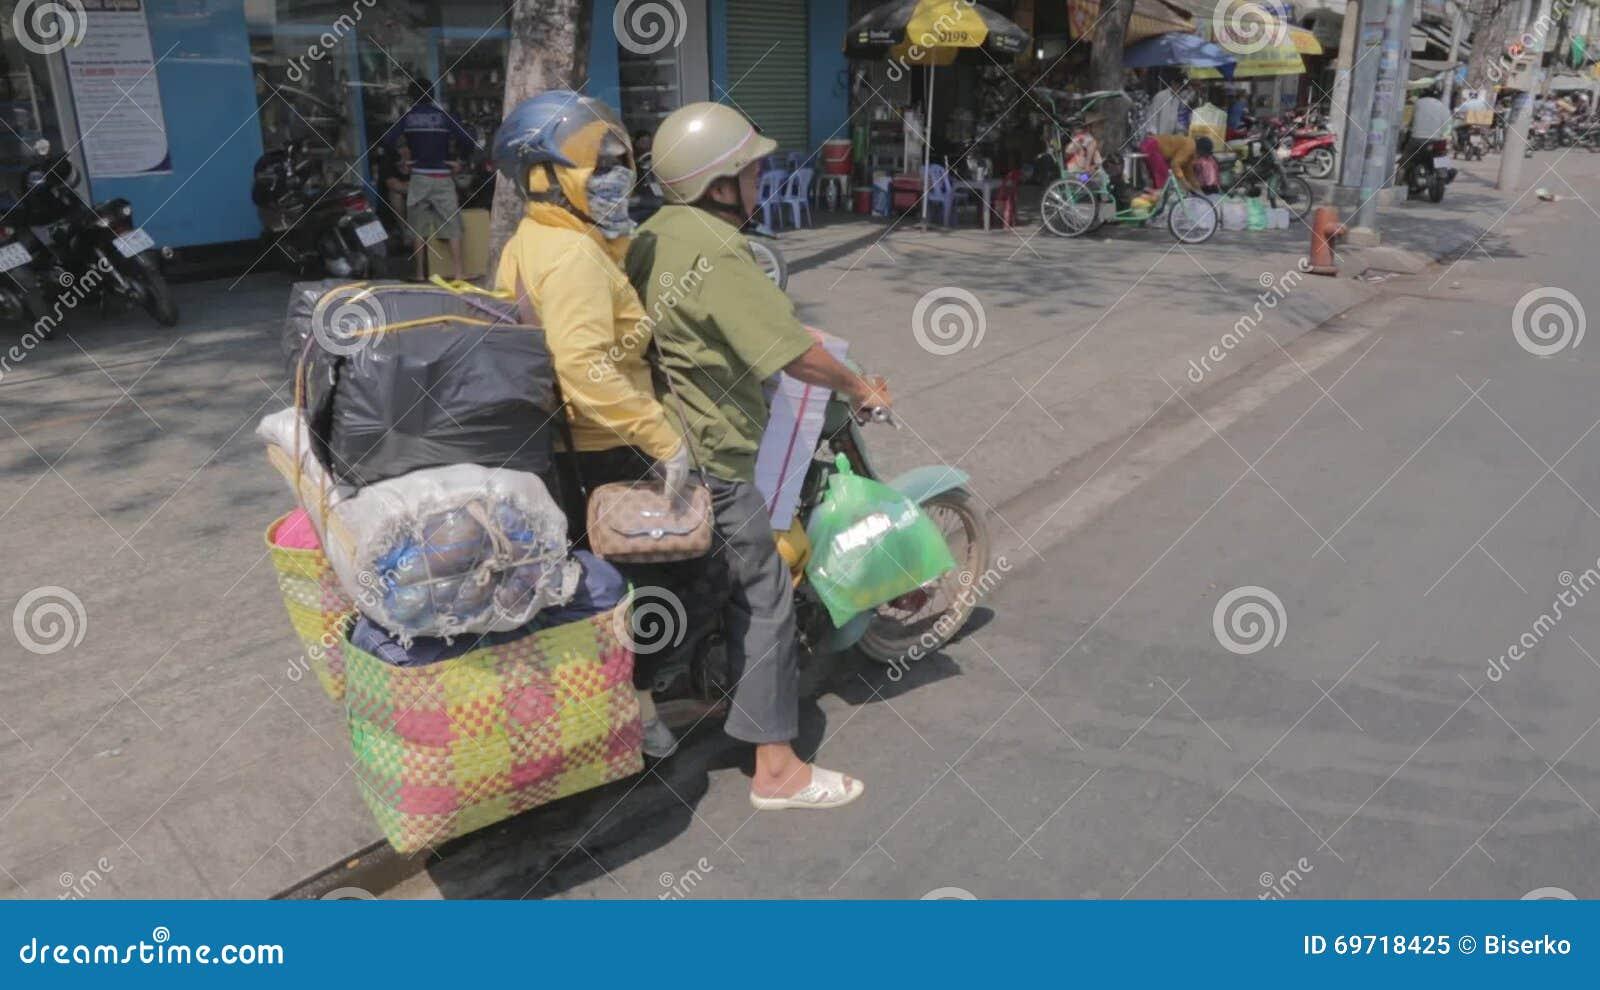 Vietnam City Life